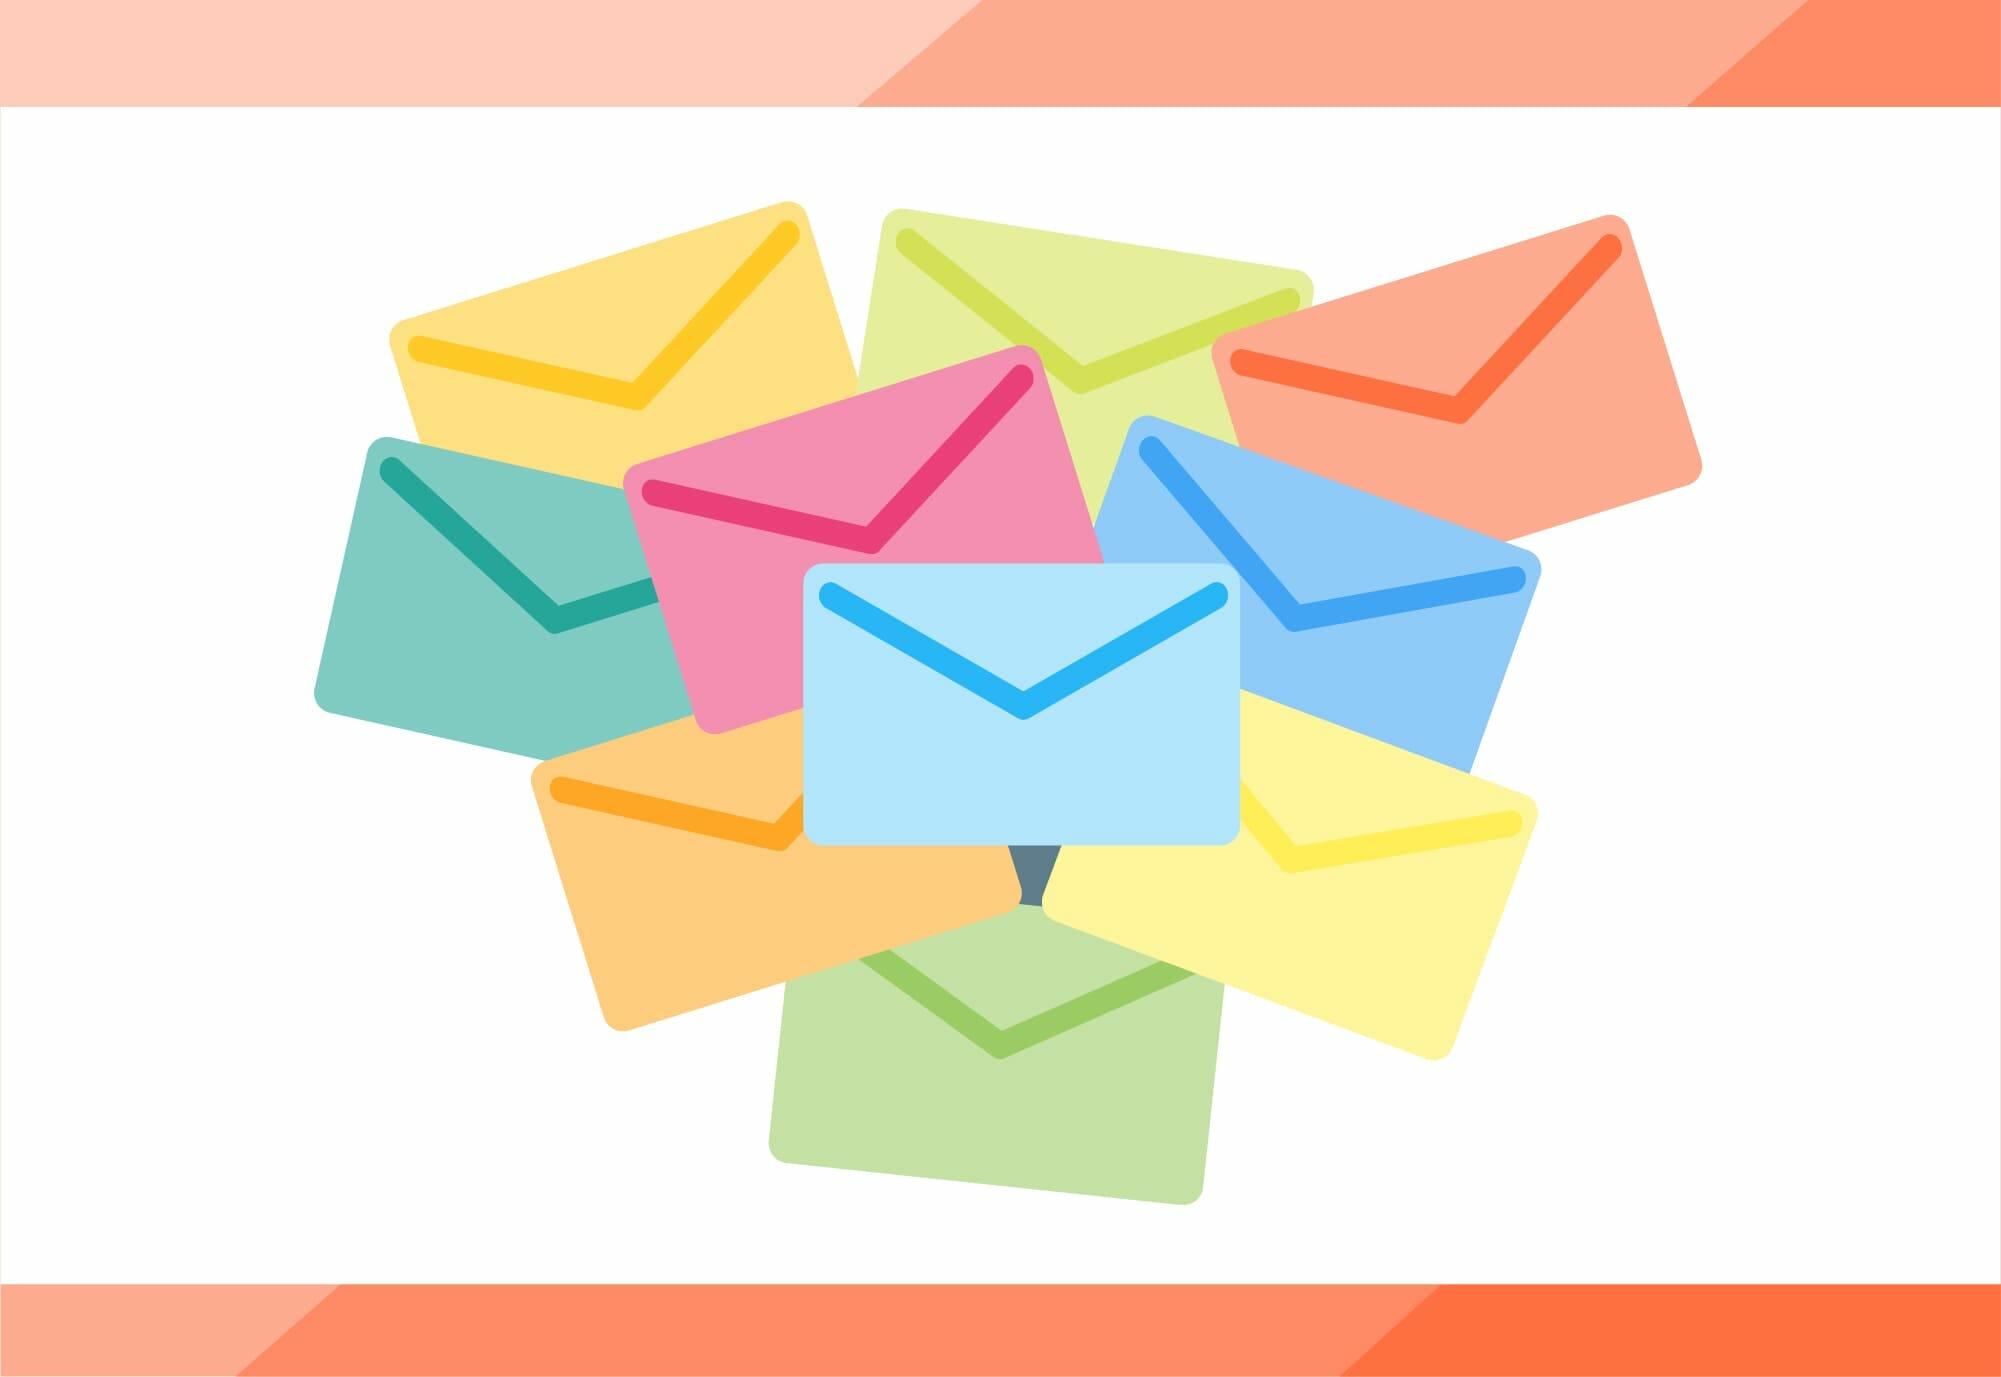 Gmailならいつでもどこでも送受信可能